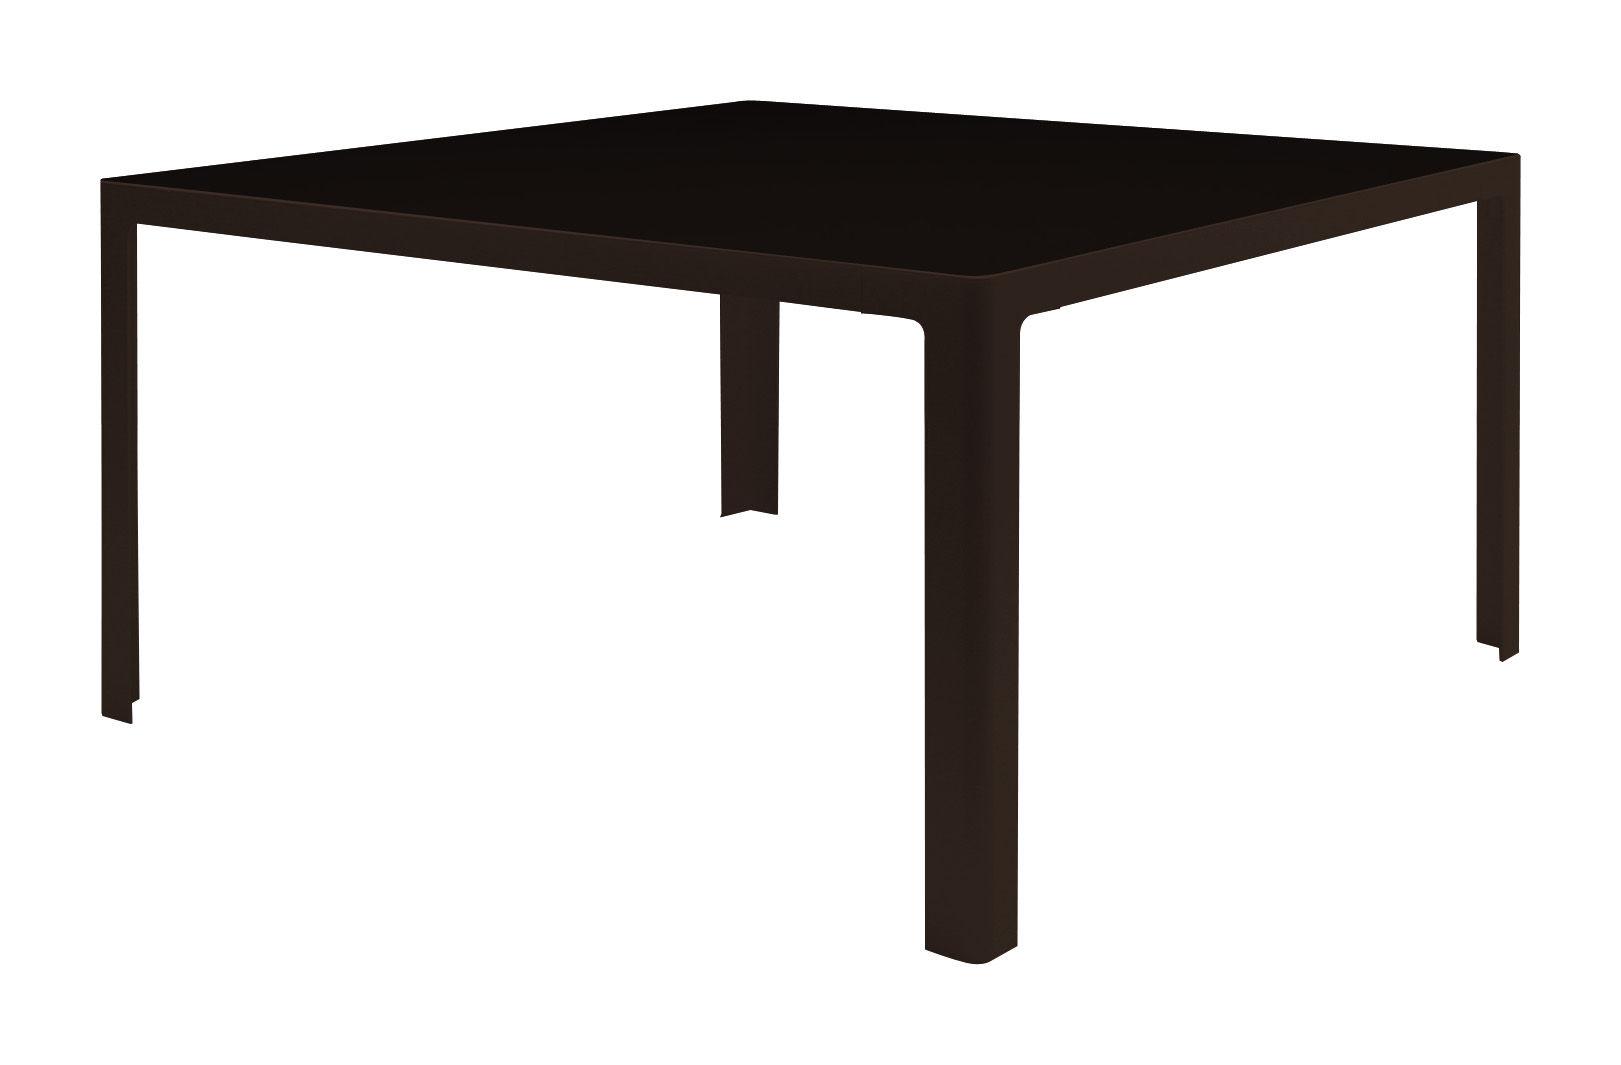 table metisse verre 140 x 140 cm plateau noir structure noir cuivr zeus. Black Bedroom Furniture Sets. Home Design Ideas